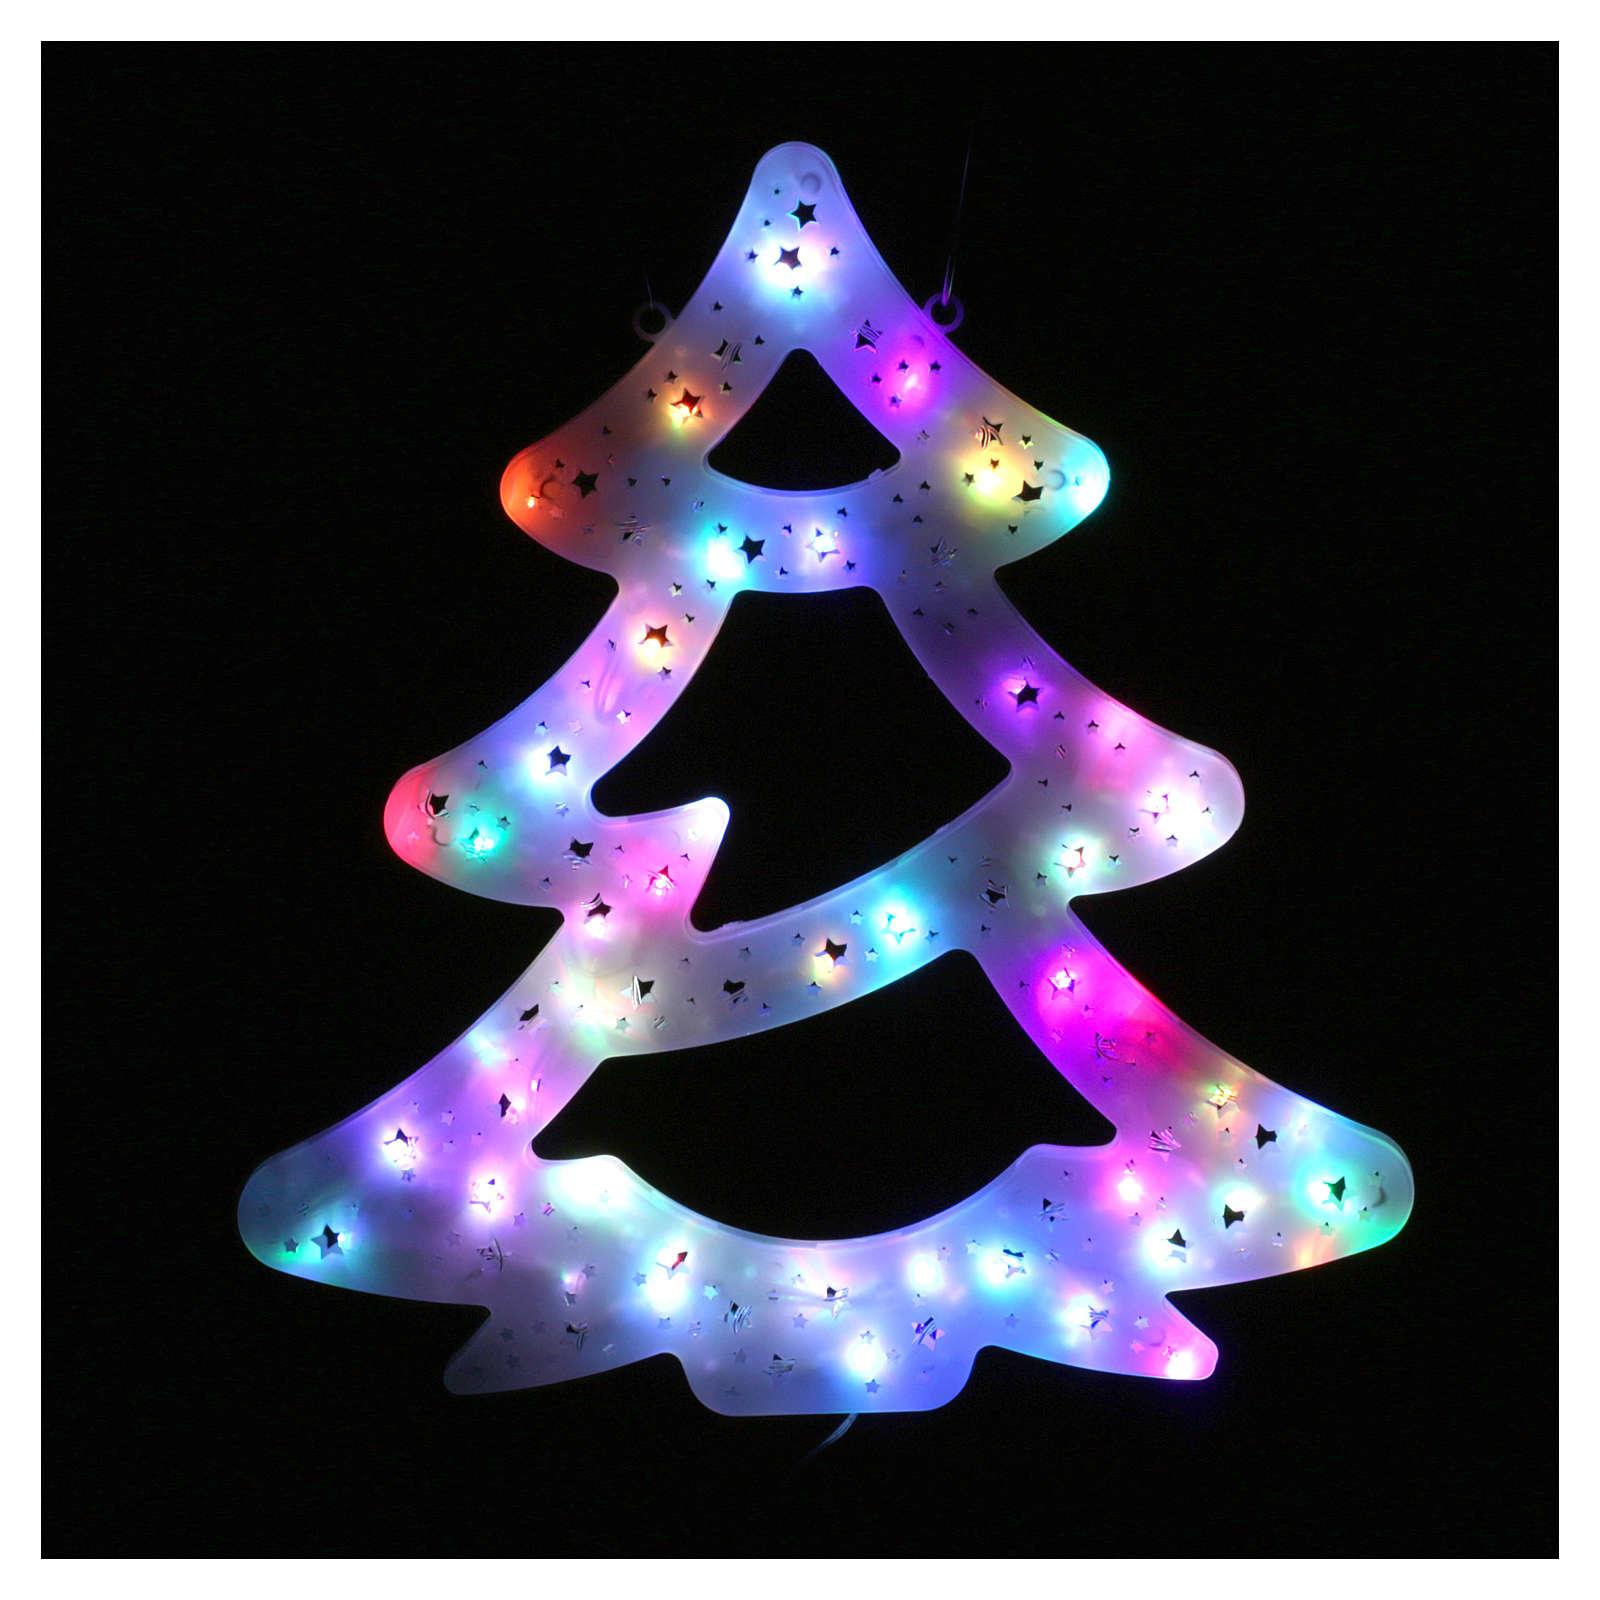 Luce Albero Natale 50 led colorati interno esterno 3